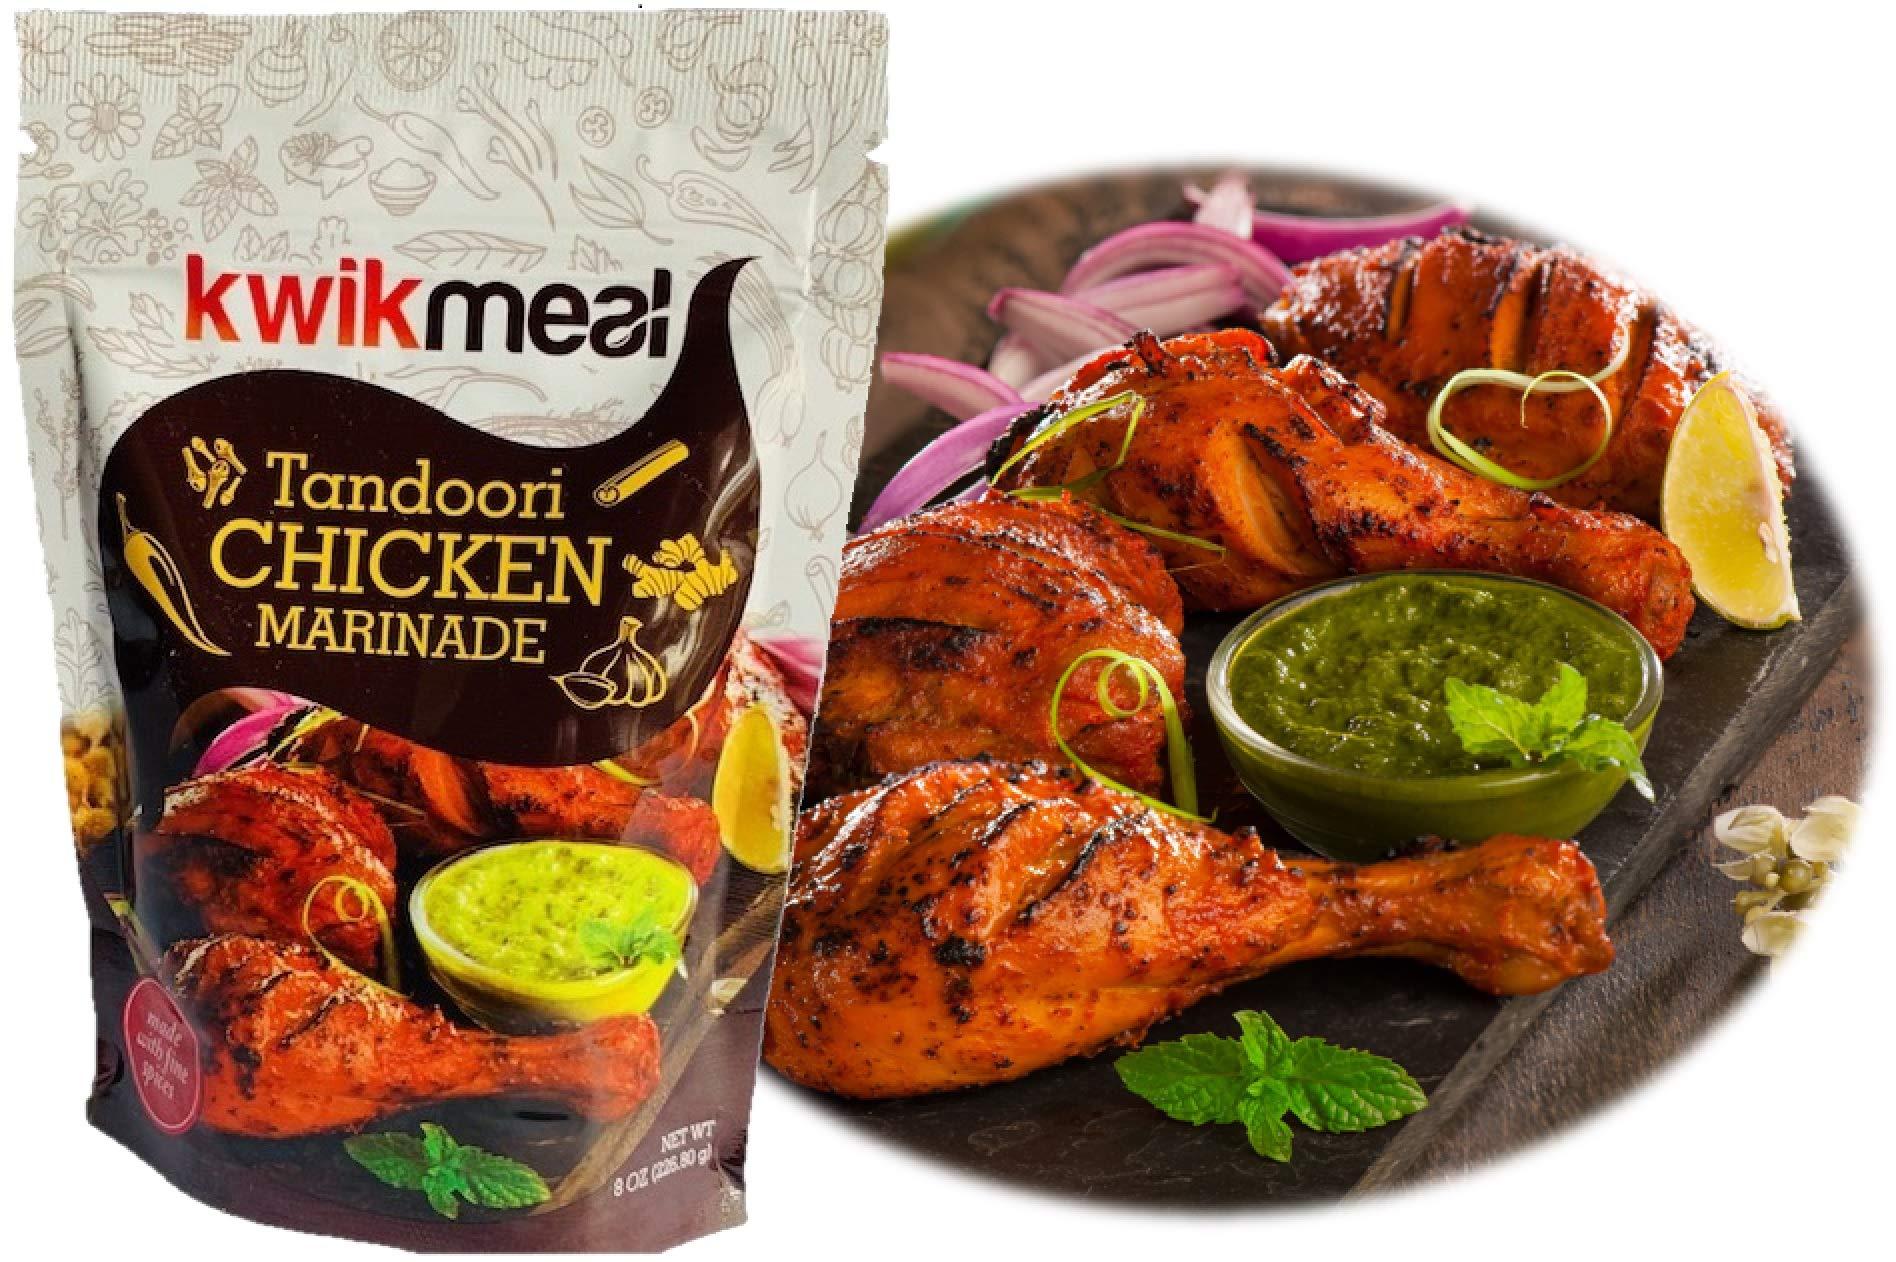 KwikMeal Tandoori Chicken Marinade - Pack of 12 - $37.06 - Unit Price $3.09